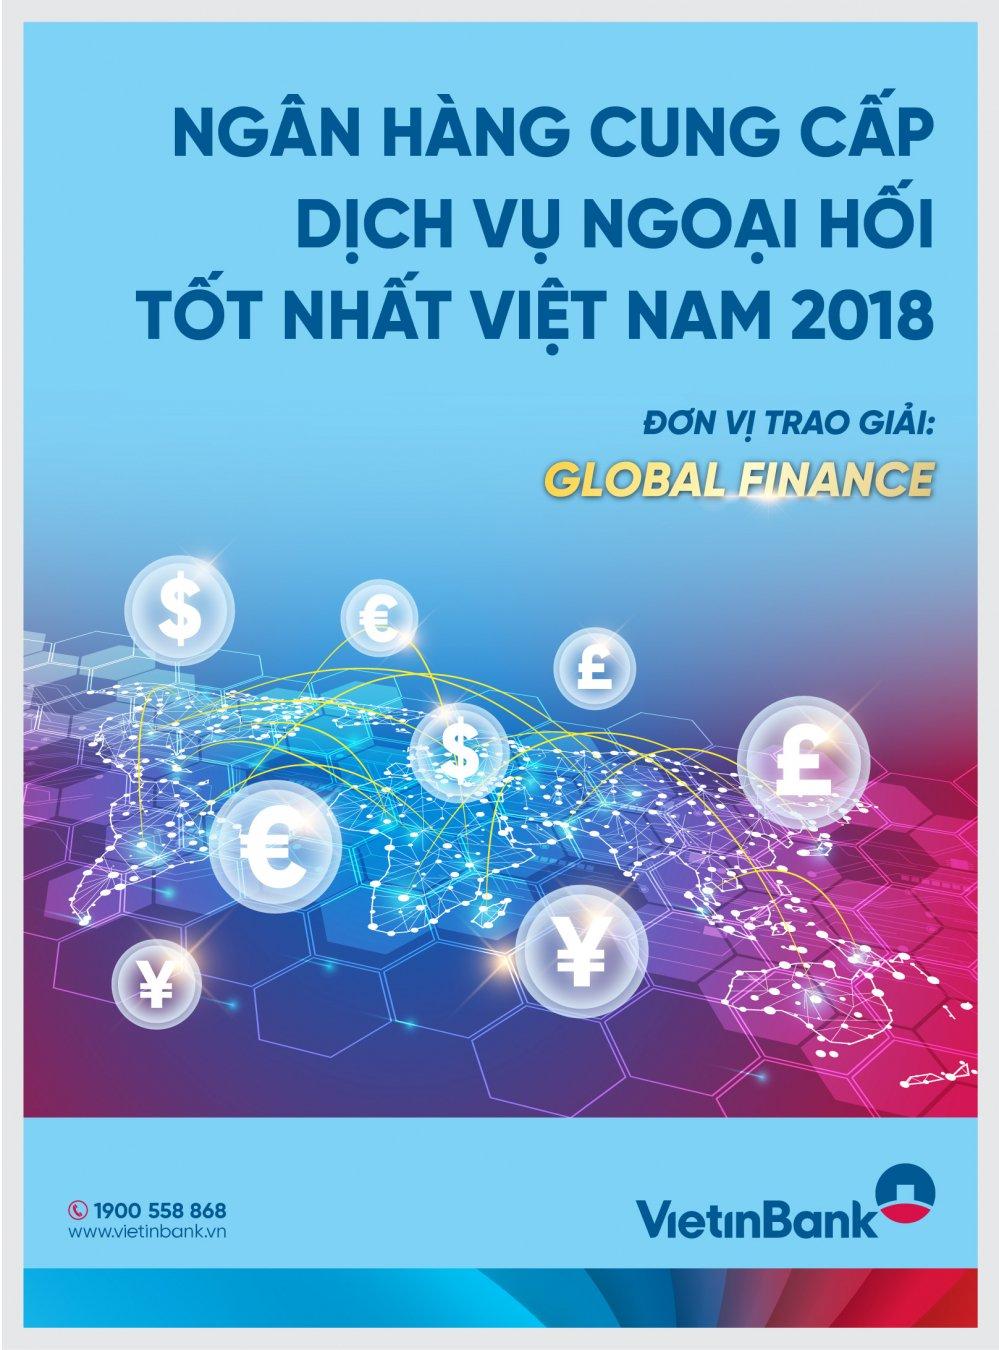 VietinBank 'cung cap dich vu ngoai hoi tot nhat Viet Nam 2018' hinh anh 2